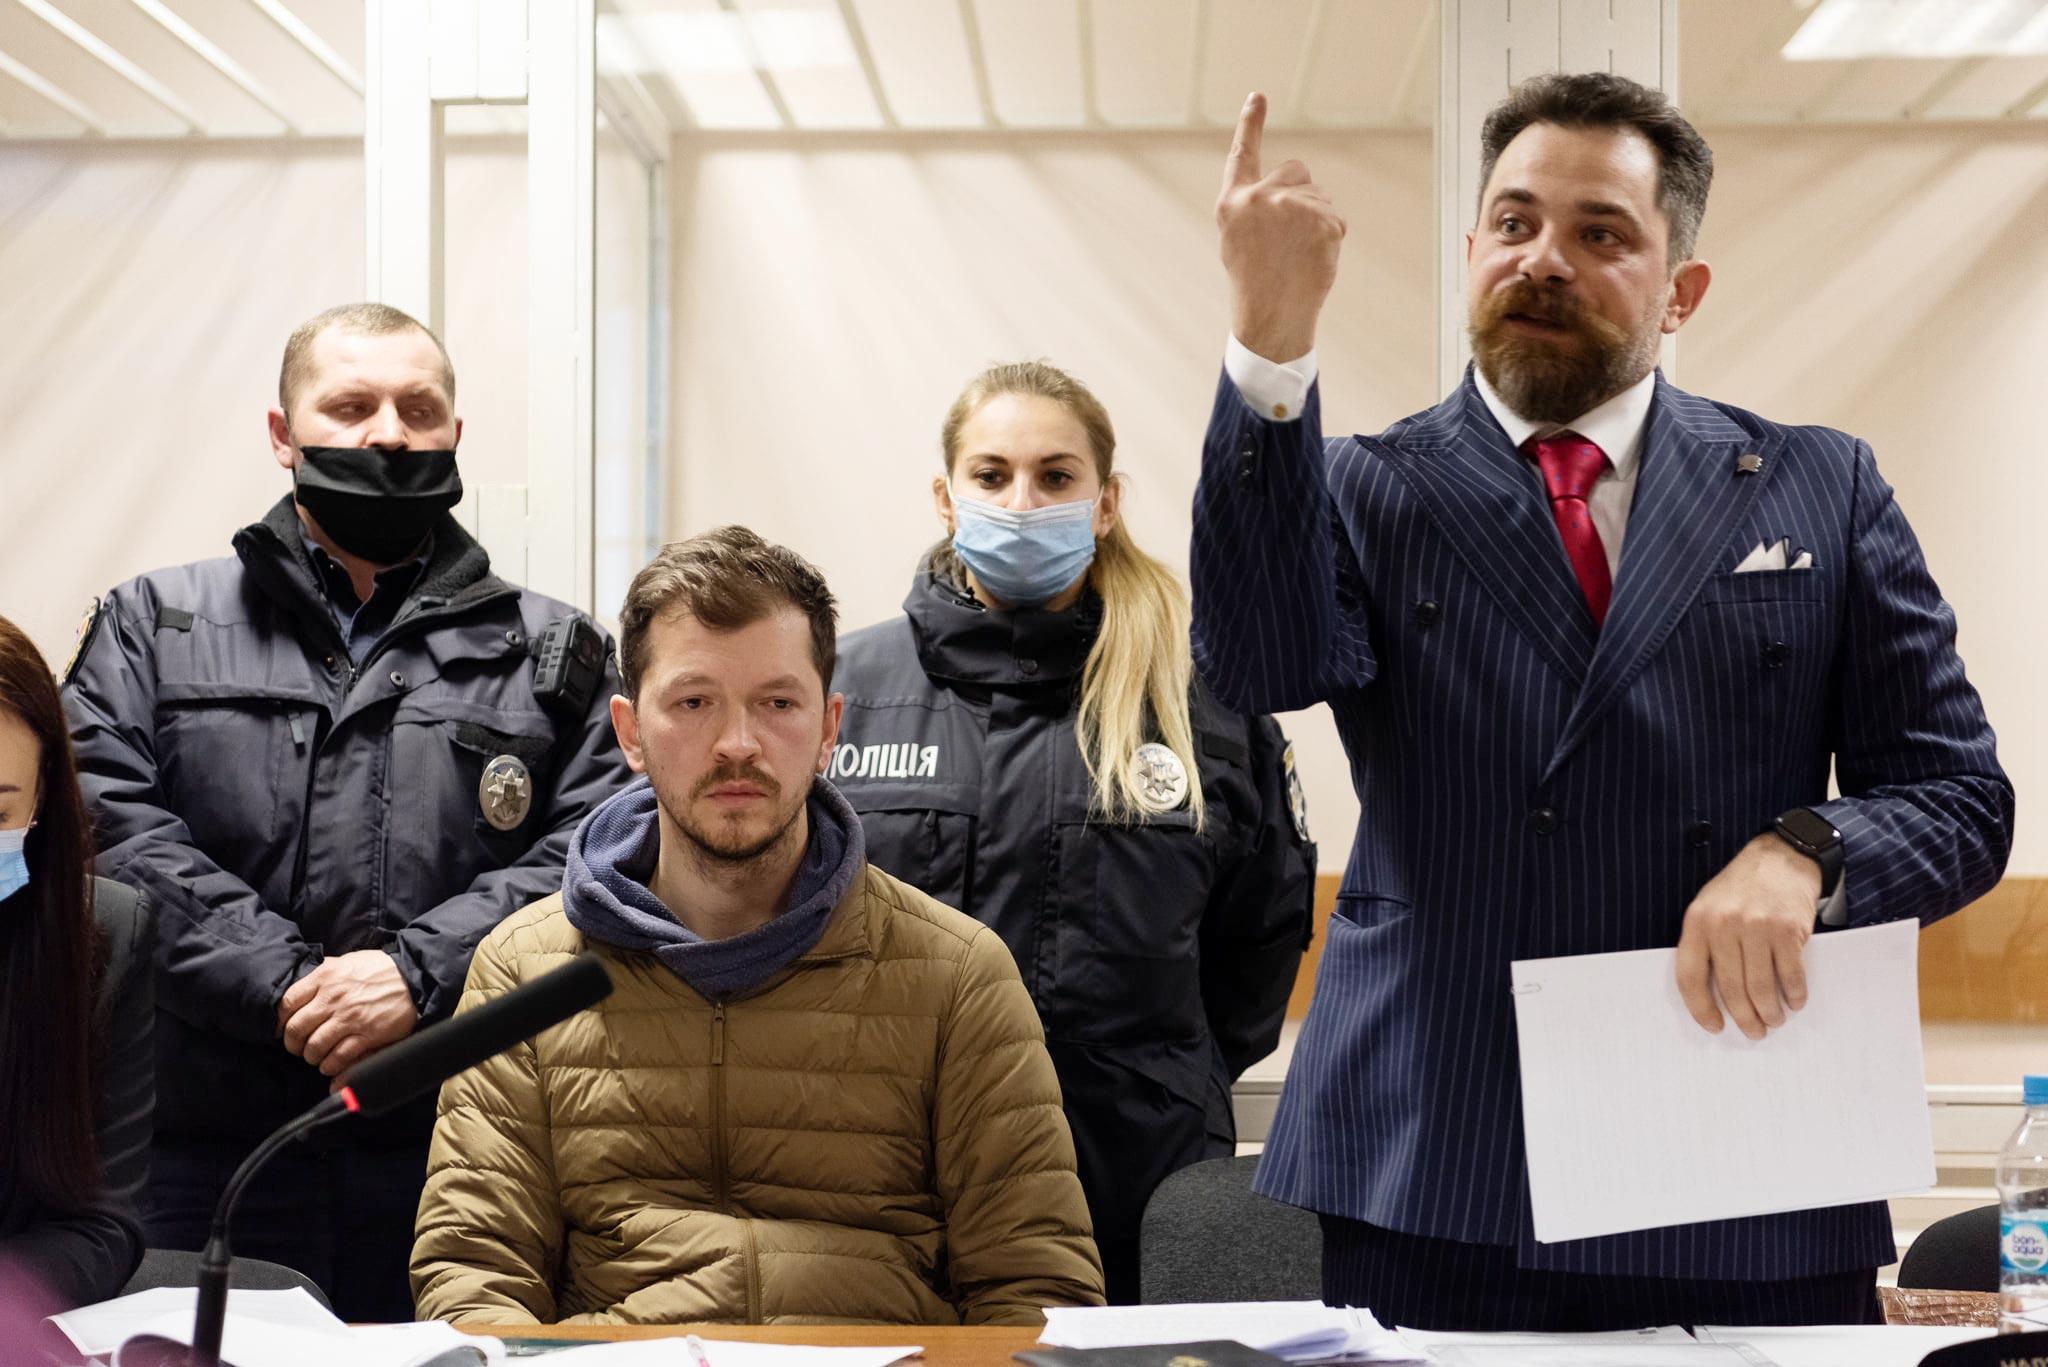 hora 02 - <b>Фотографа Нікіфорова помістили під цілодобовий домашній арешт.</b> Цього вимагало обвинувачення в апеляції - Заборона